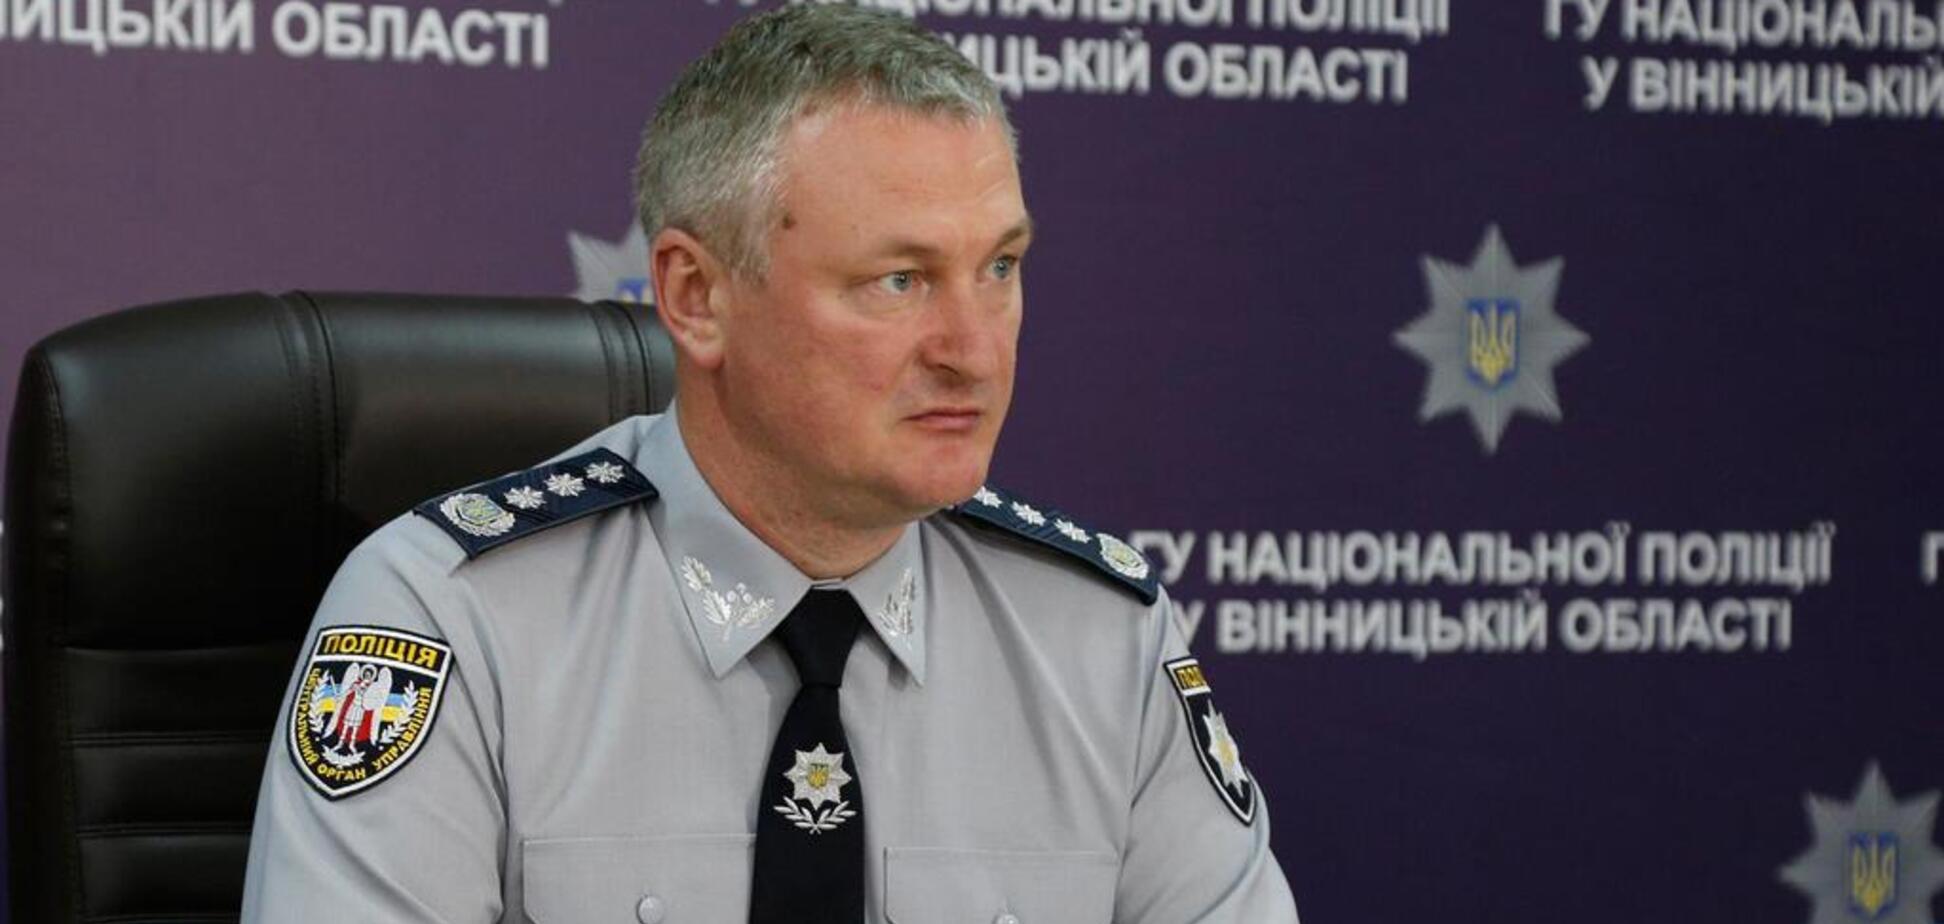 Убили 50 детей: полиция забила тревогу и срочно обратилась к Верховной Раде